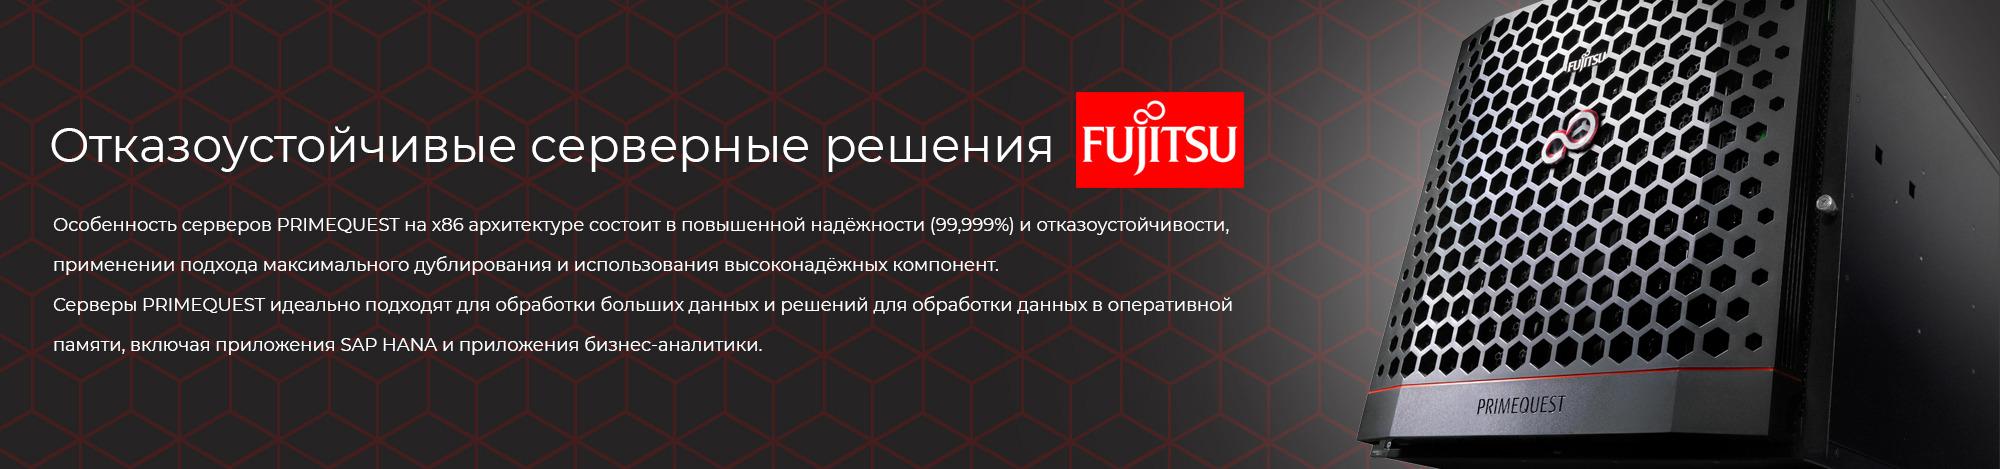 Отказоустойчивые-серверные-решения-Fujitsu-Primequest